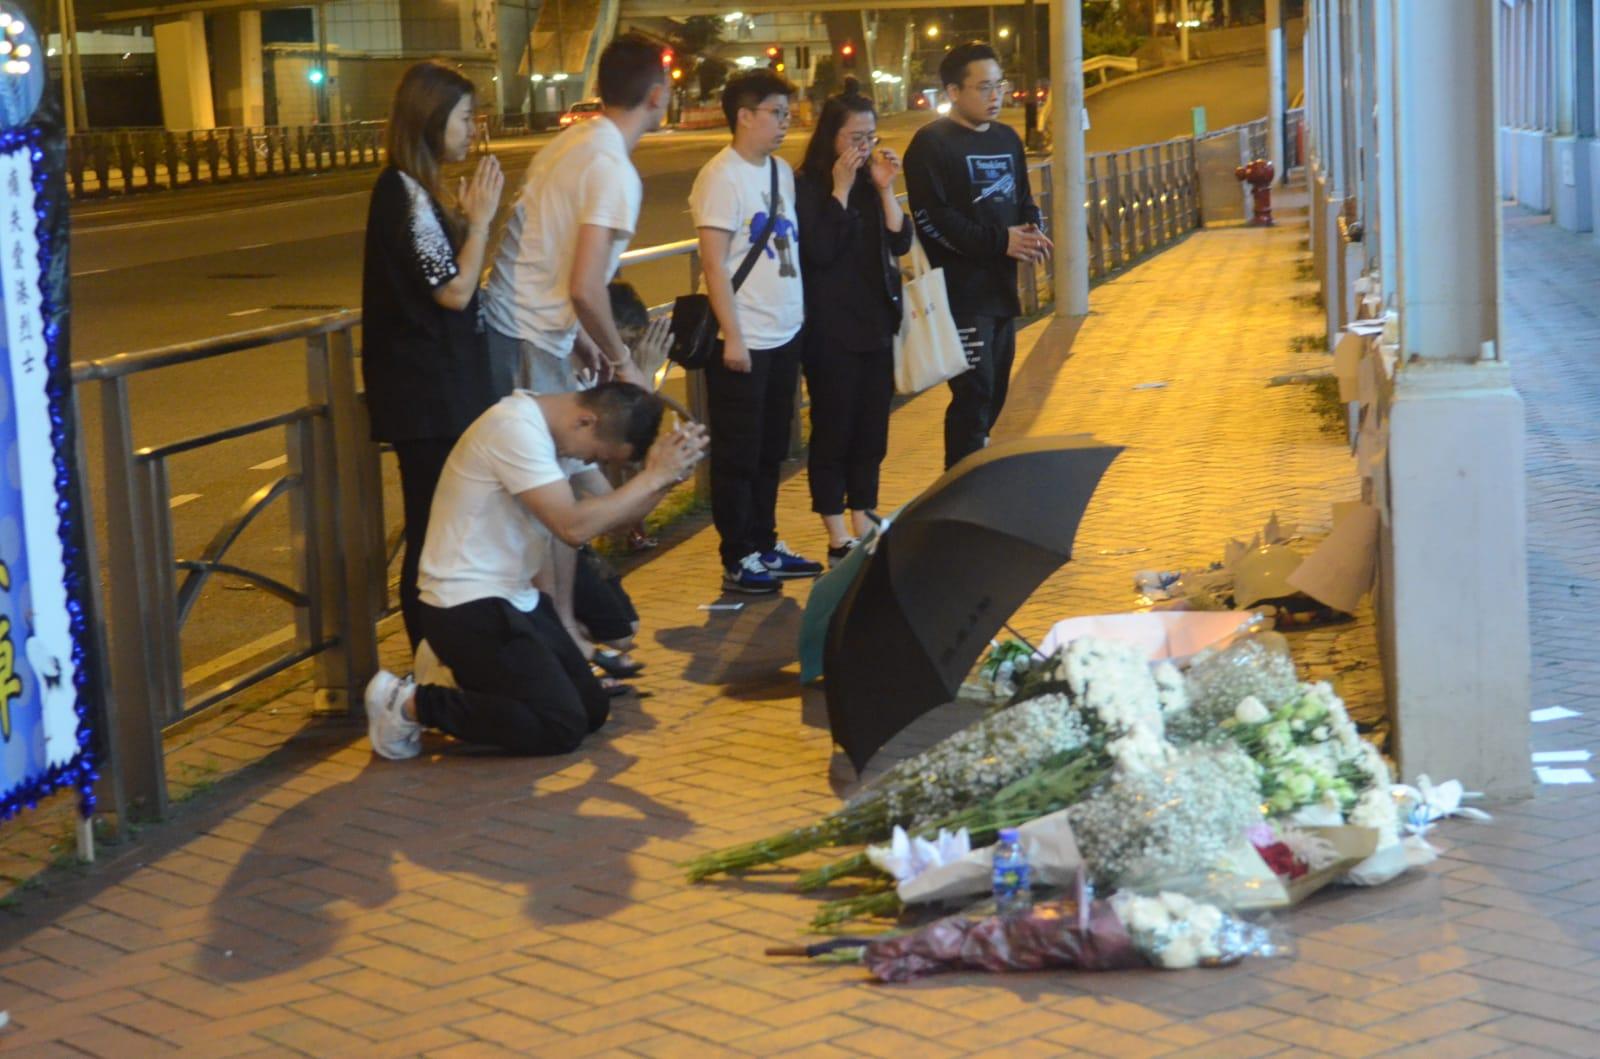 市民带同鲜花到现场悼念。